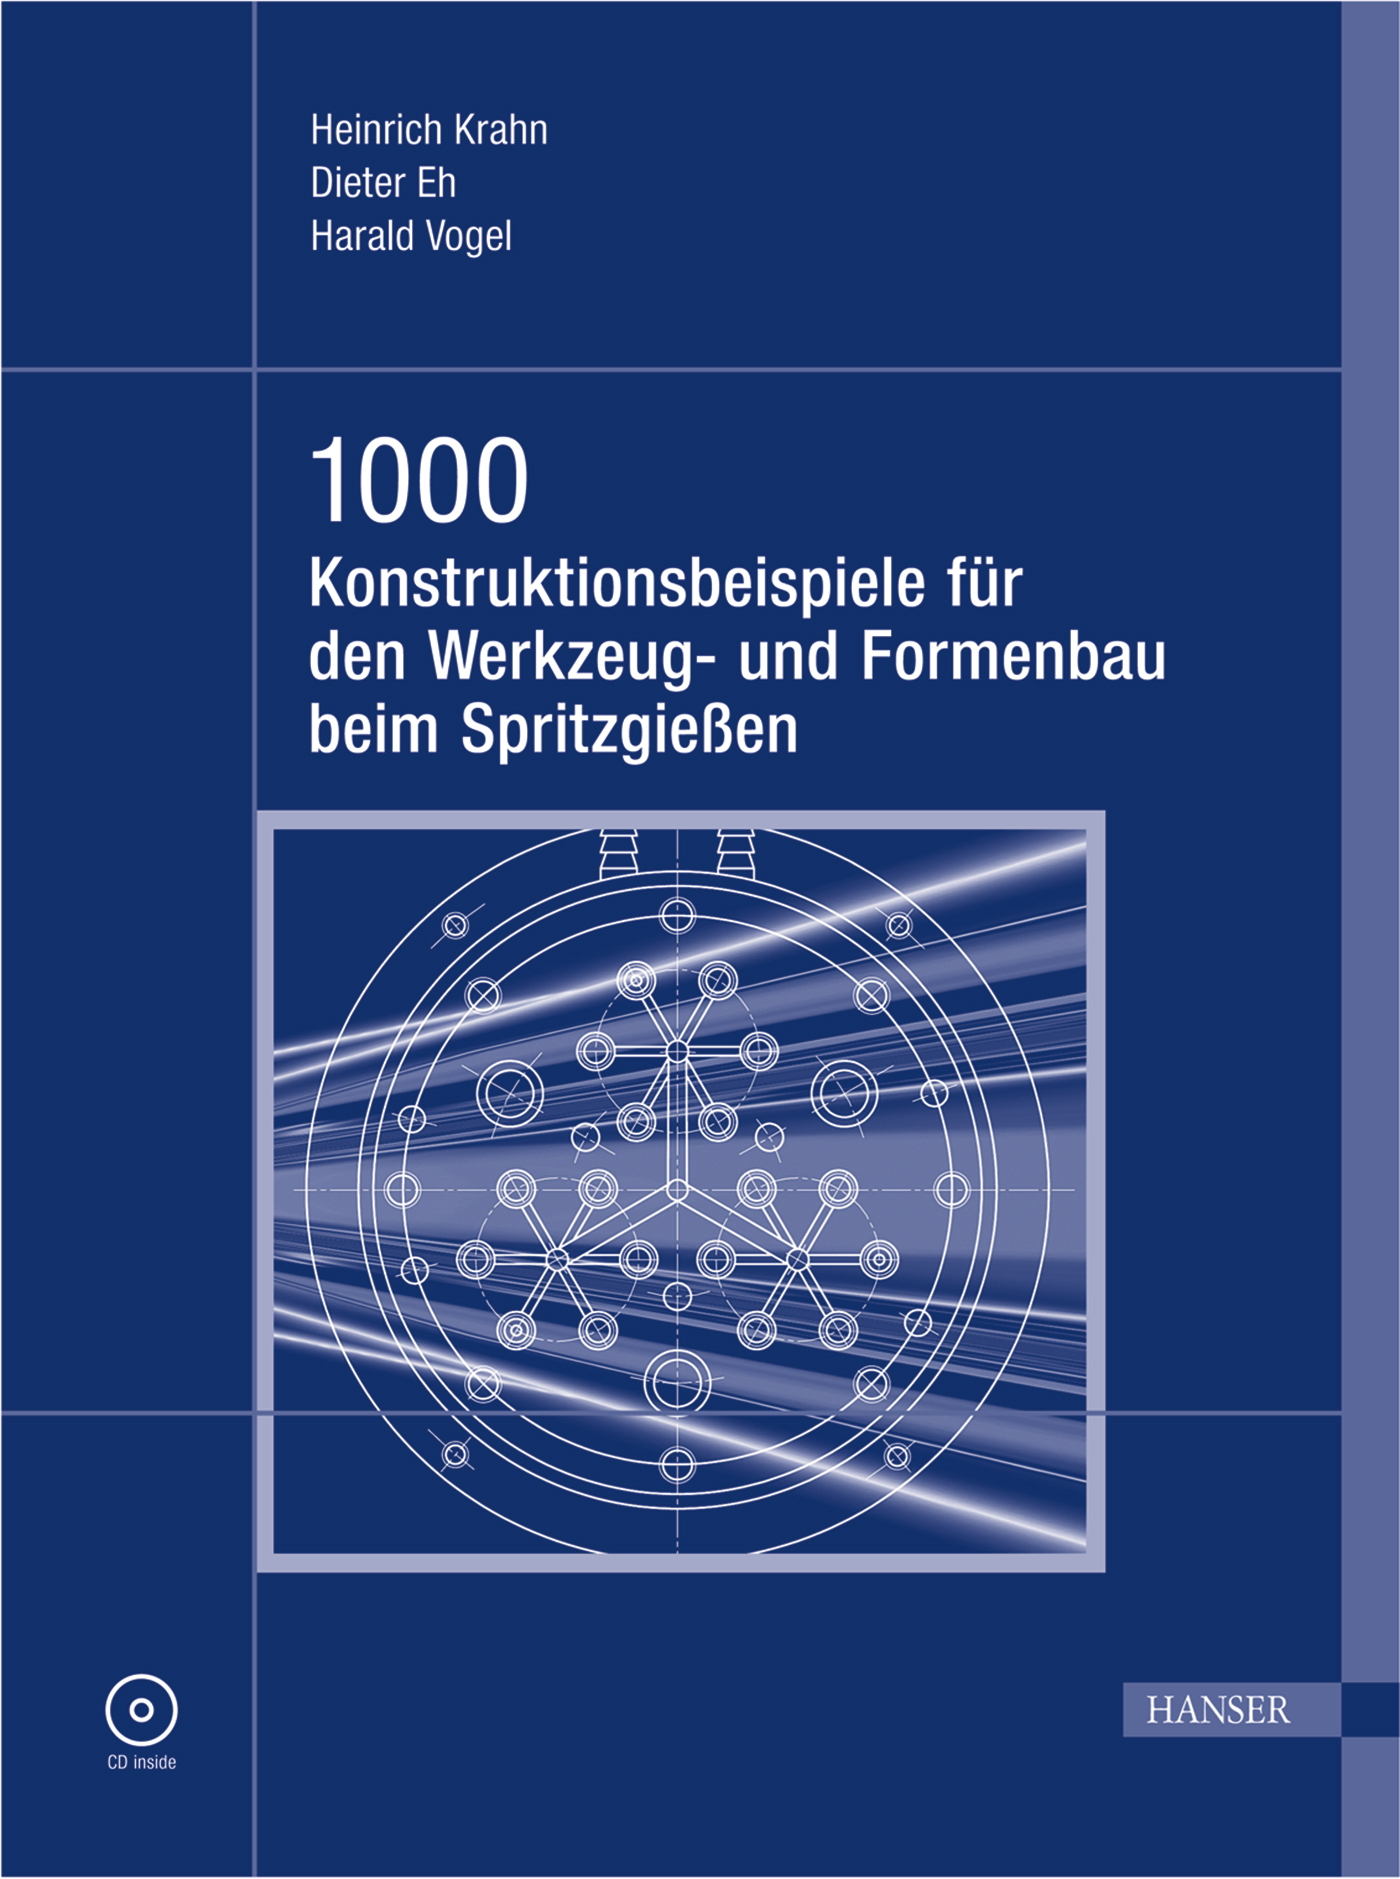 Krahn, Eh, Vogel, 1000 Konstruktionsbeispiele für den Werkzeug- und Formenbau beim Spritzgießen, 978-3-446-41243-9